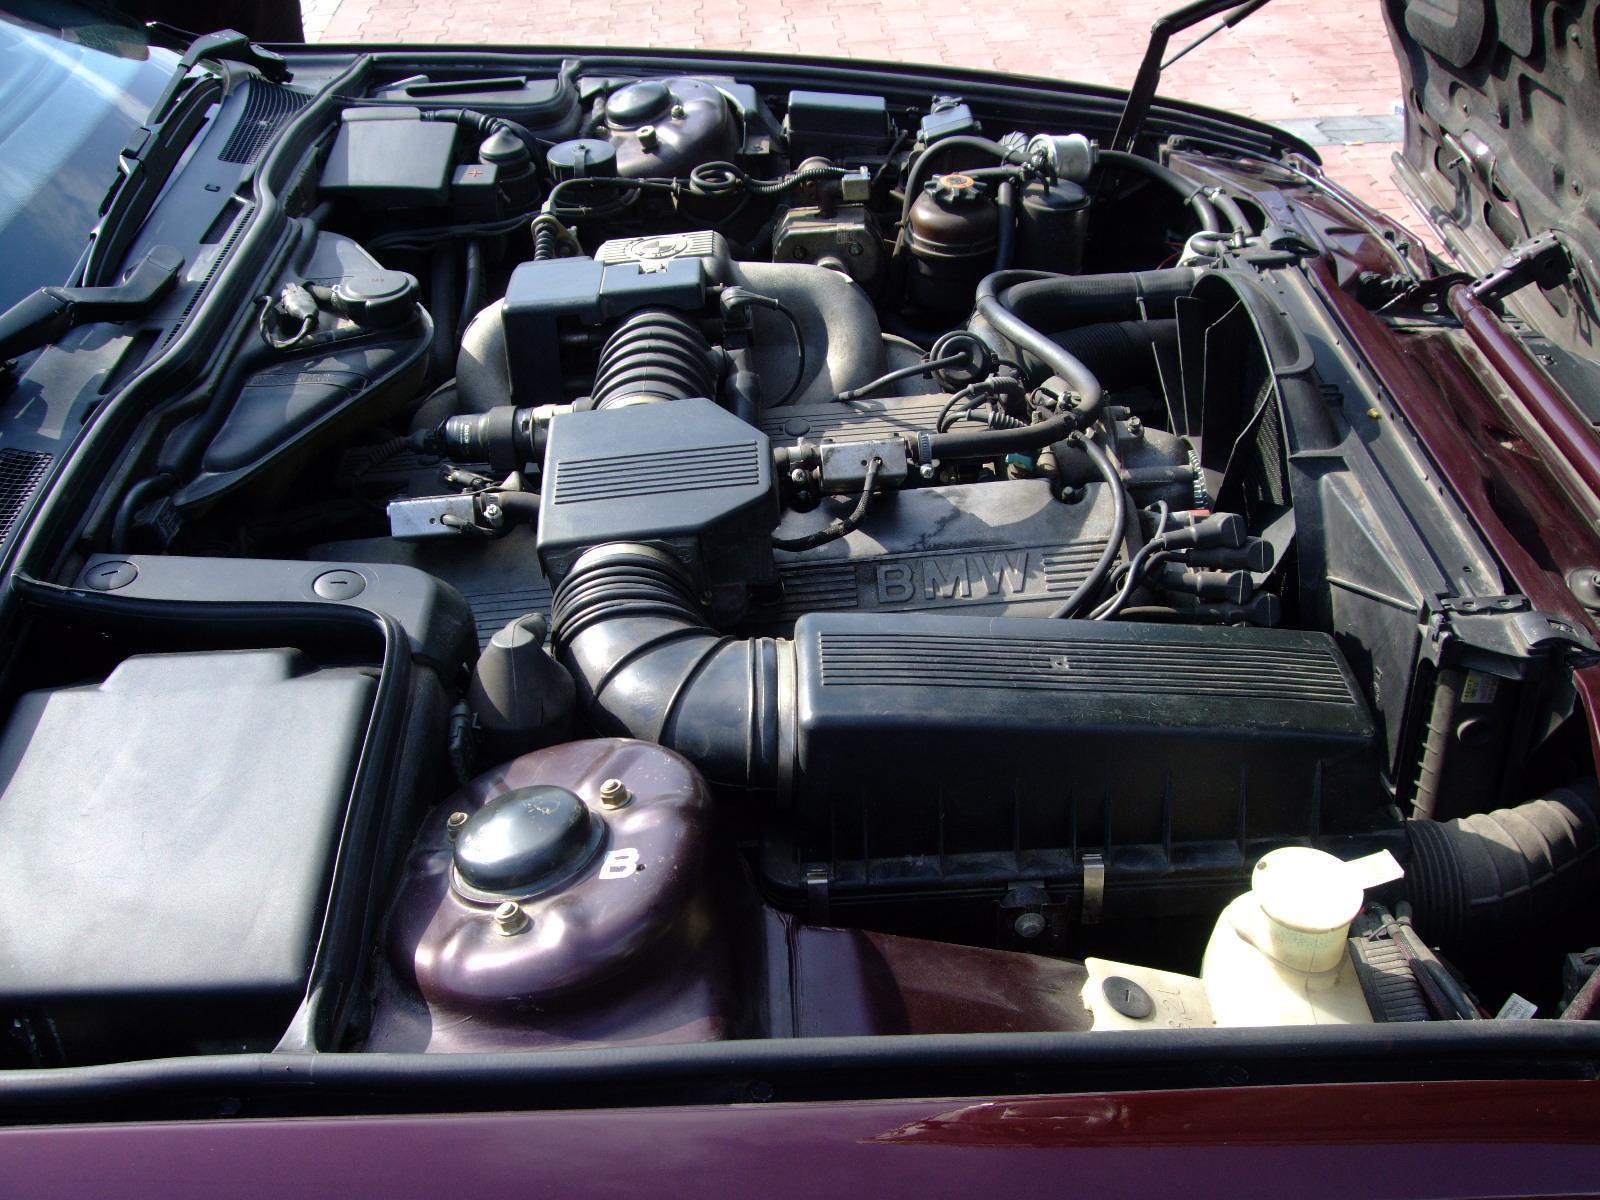 bmw i6 engine diagram 16 artatec automobile de \u2022bmw n55 engine diagram  #14